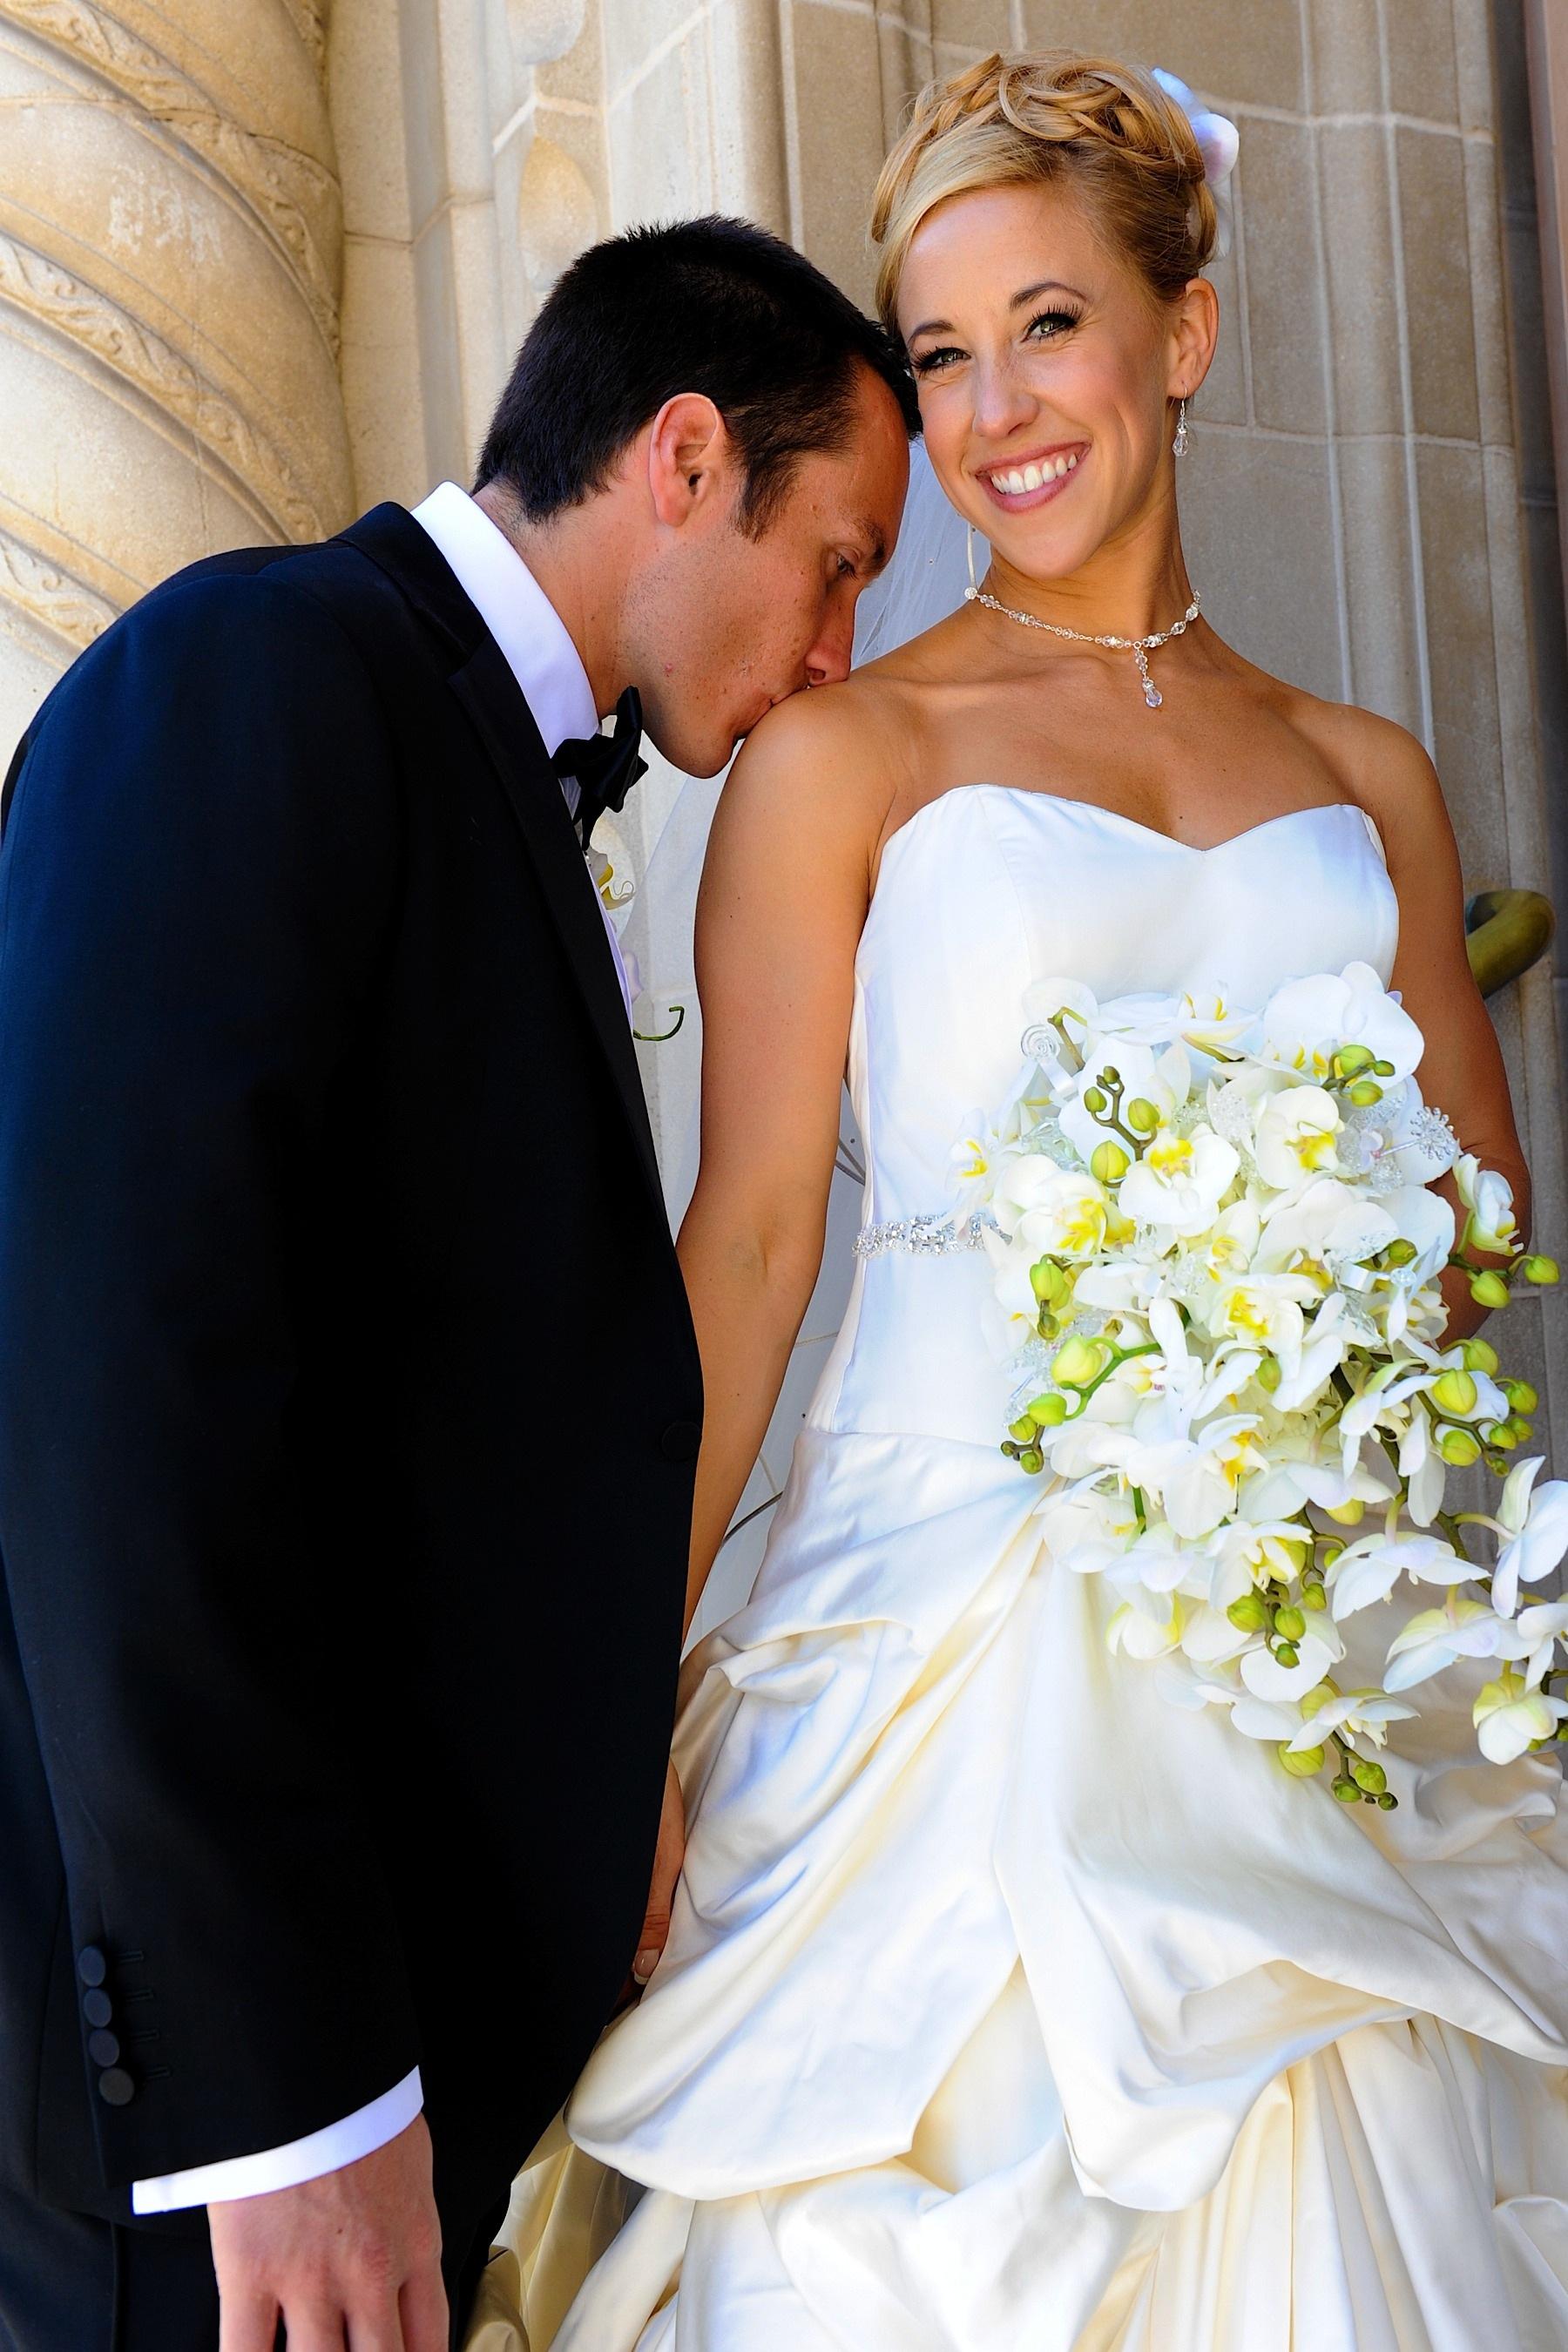 julia_morgan_ballroom_san_francisco_wedding_photographer_052